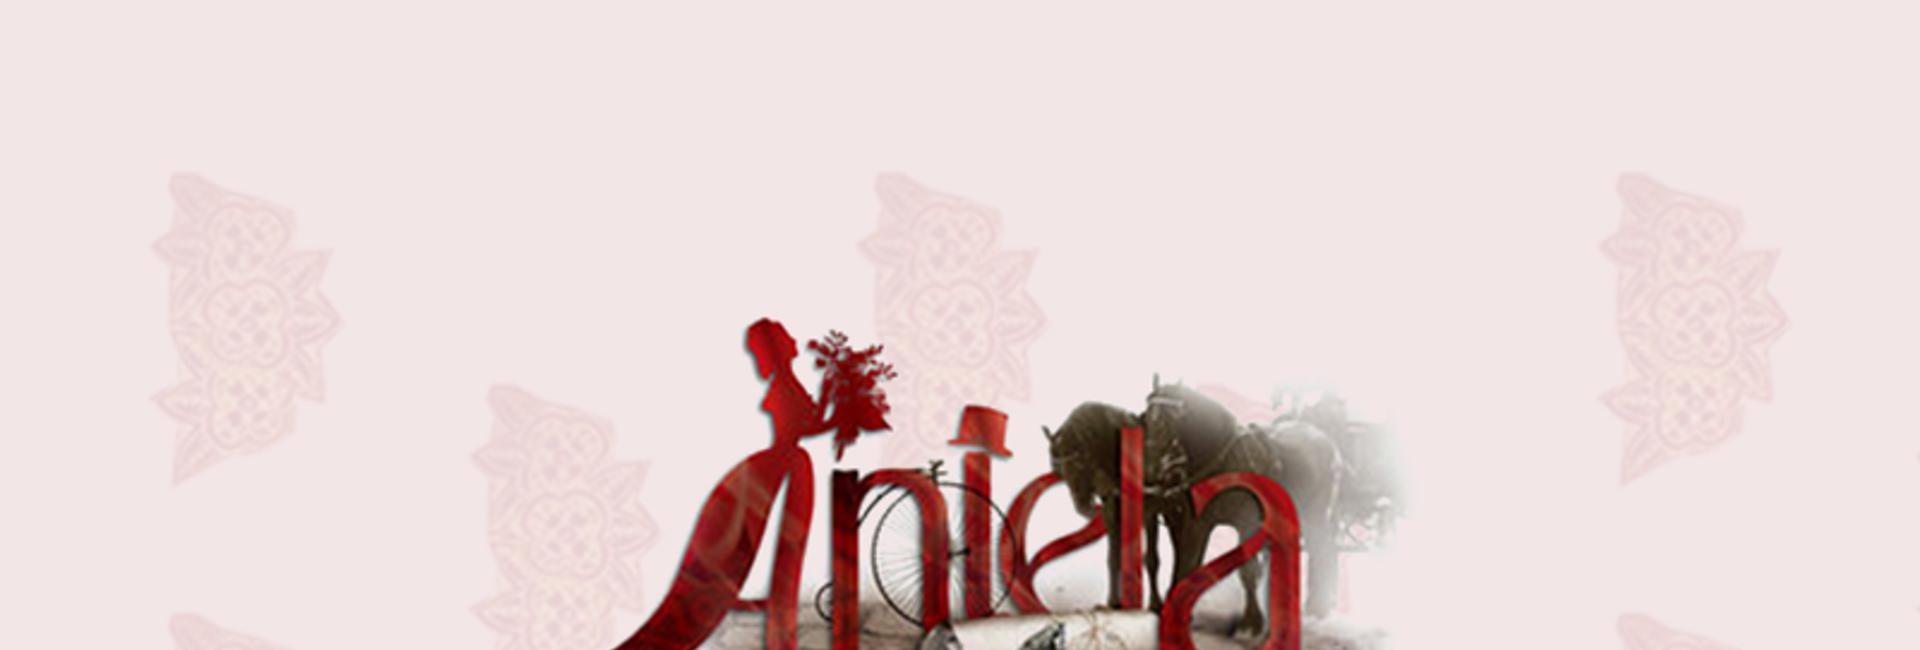 Aniela